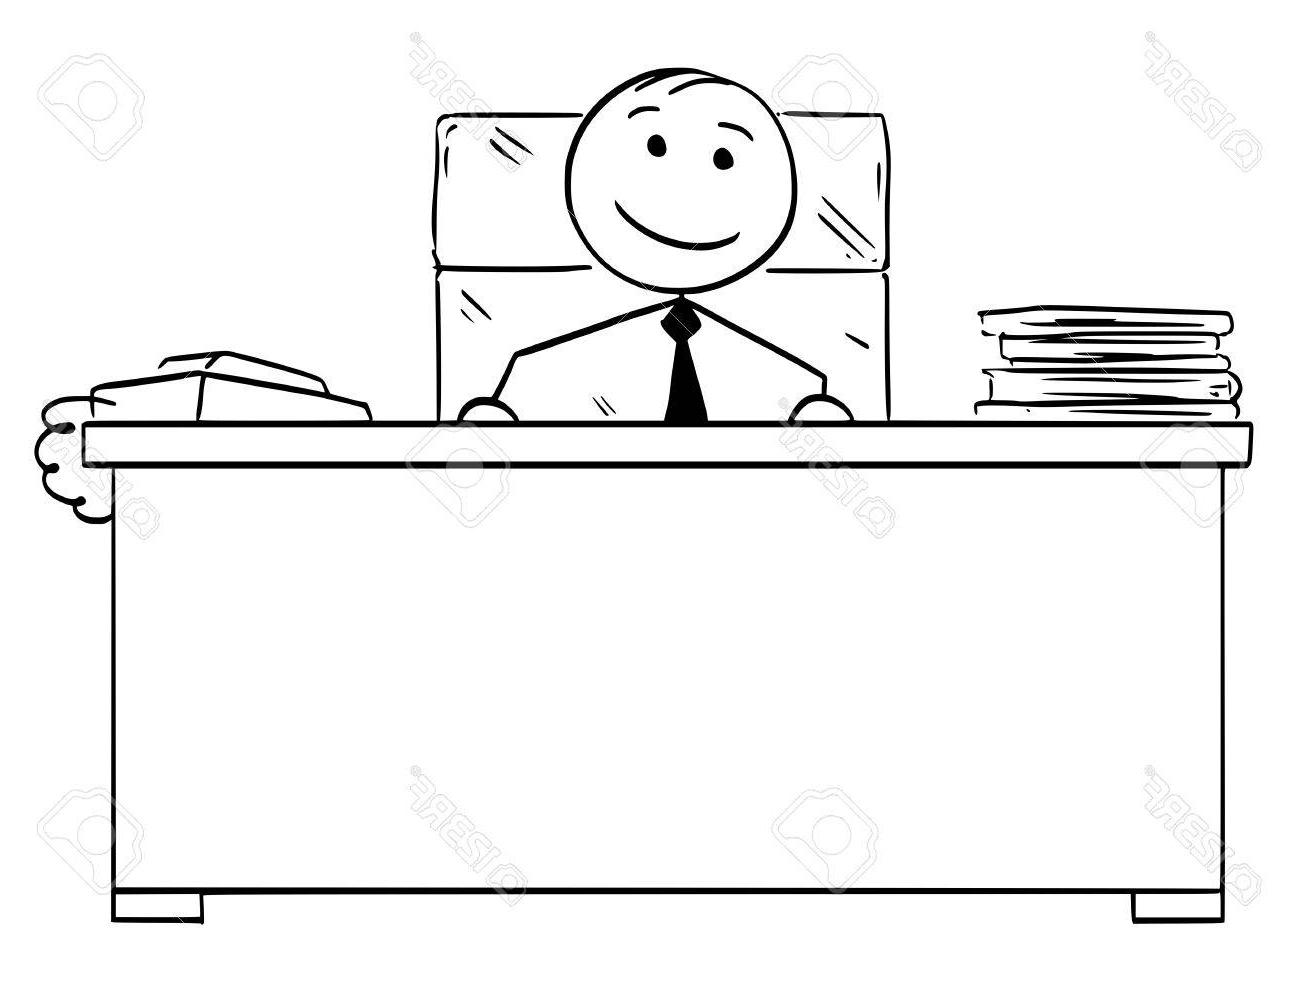 Escritorio Dibujo O2d5 Hombre De Dibujos Animados Stickman Stickman Dibujo De Jefe Feliz